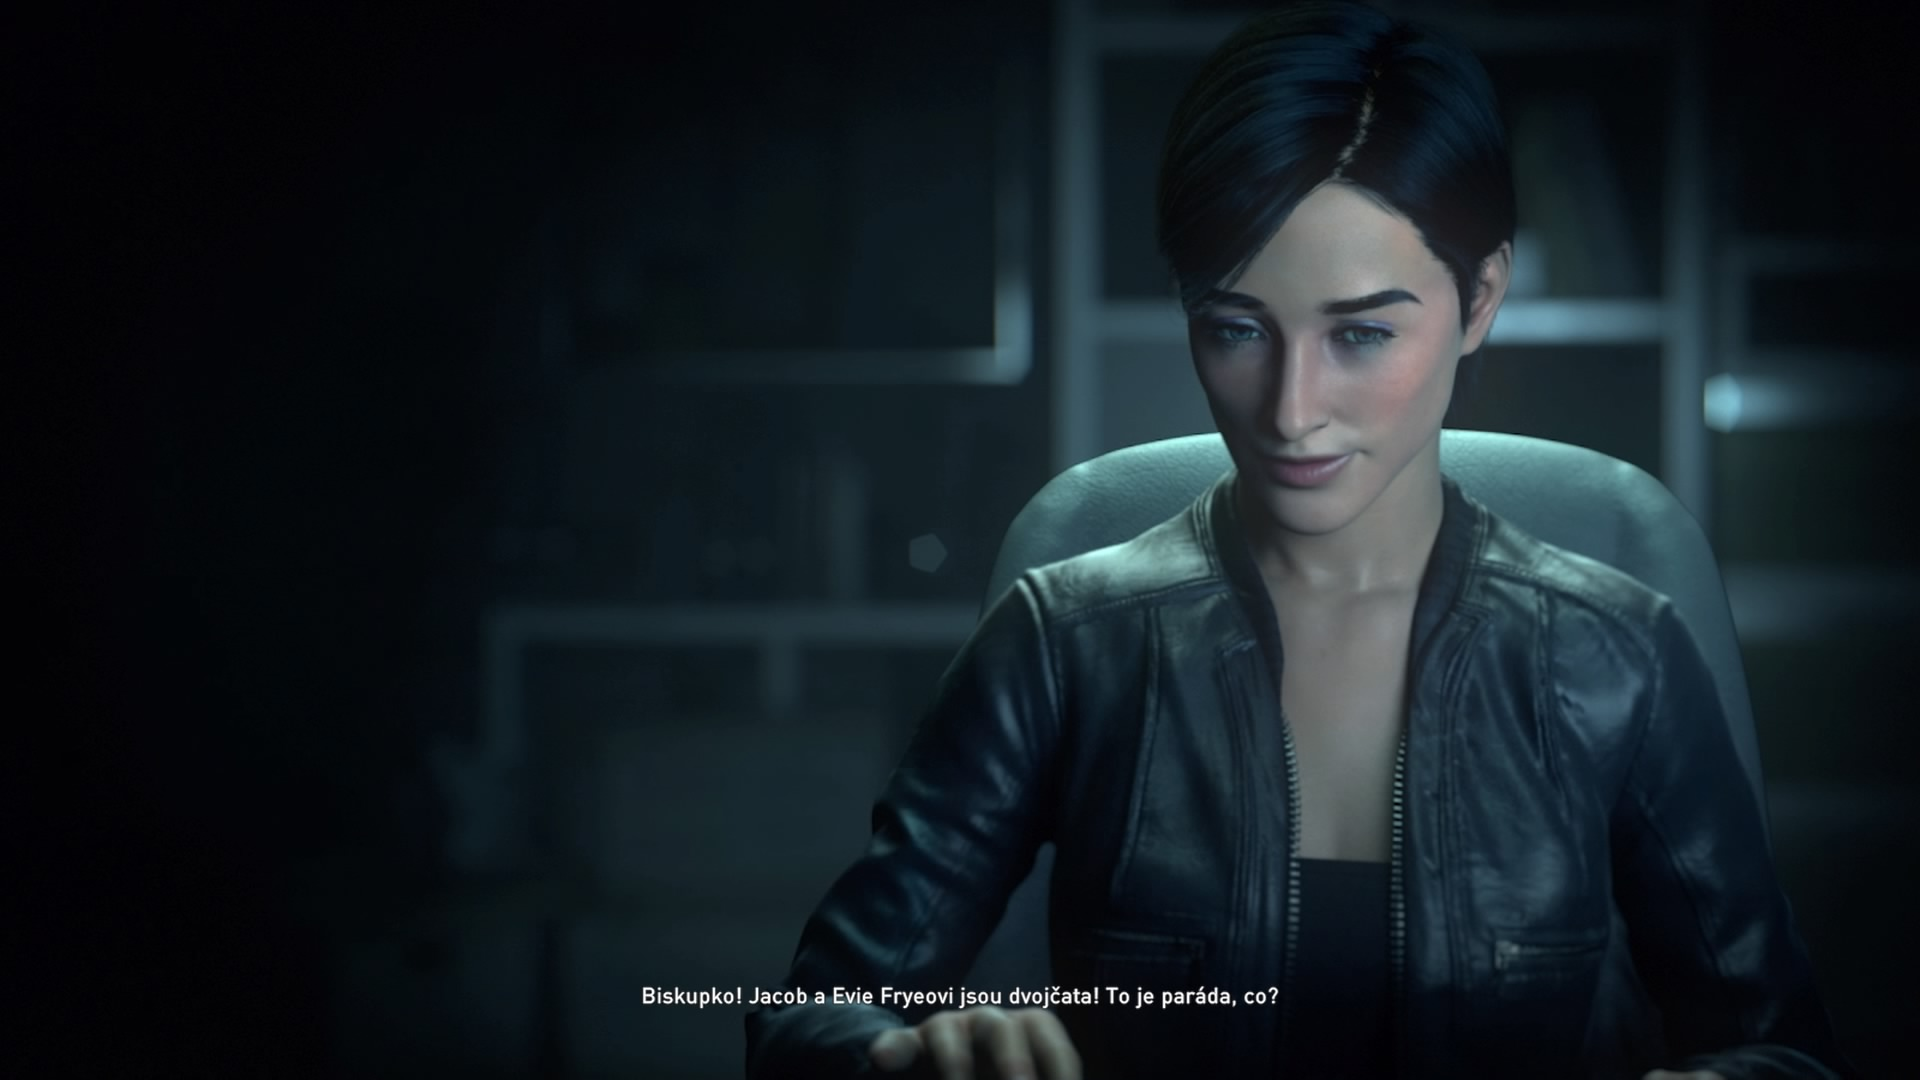 Čeština v Assassin's Creed: Syndicate je kompletní 115331